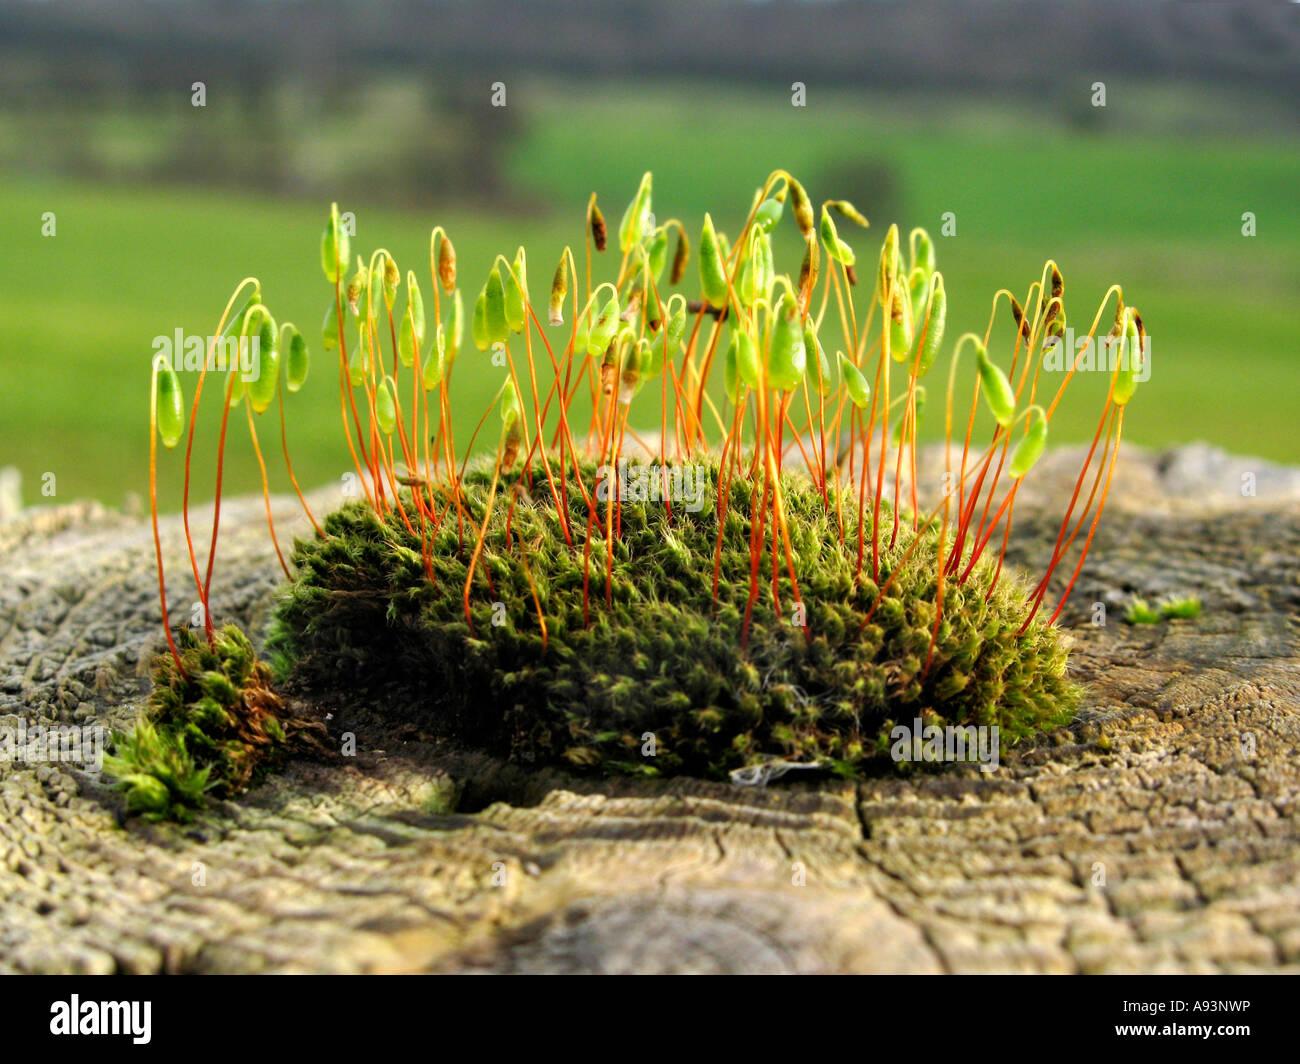 Moss growing on wooden gatepost in farm field gateway in Newport South Wales UK - Stock Image